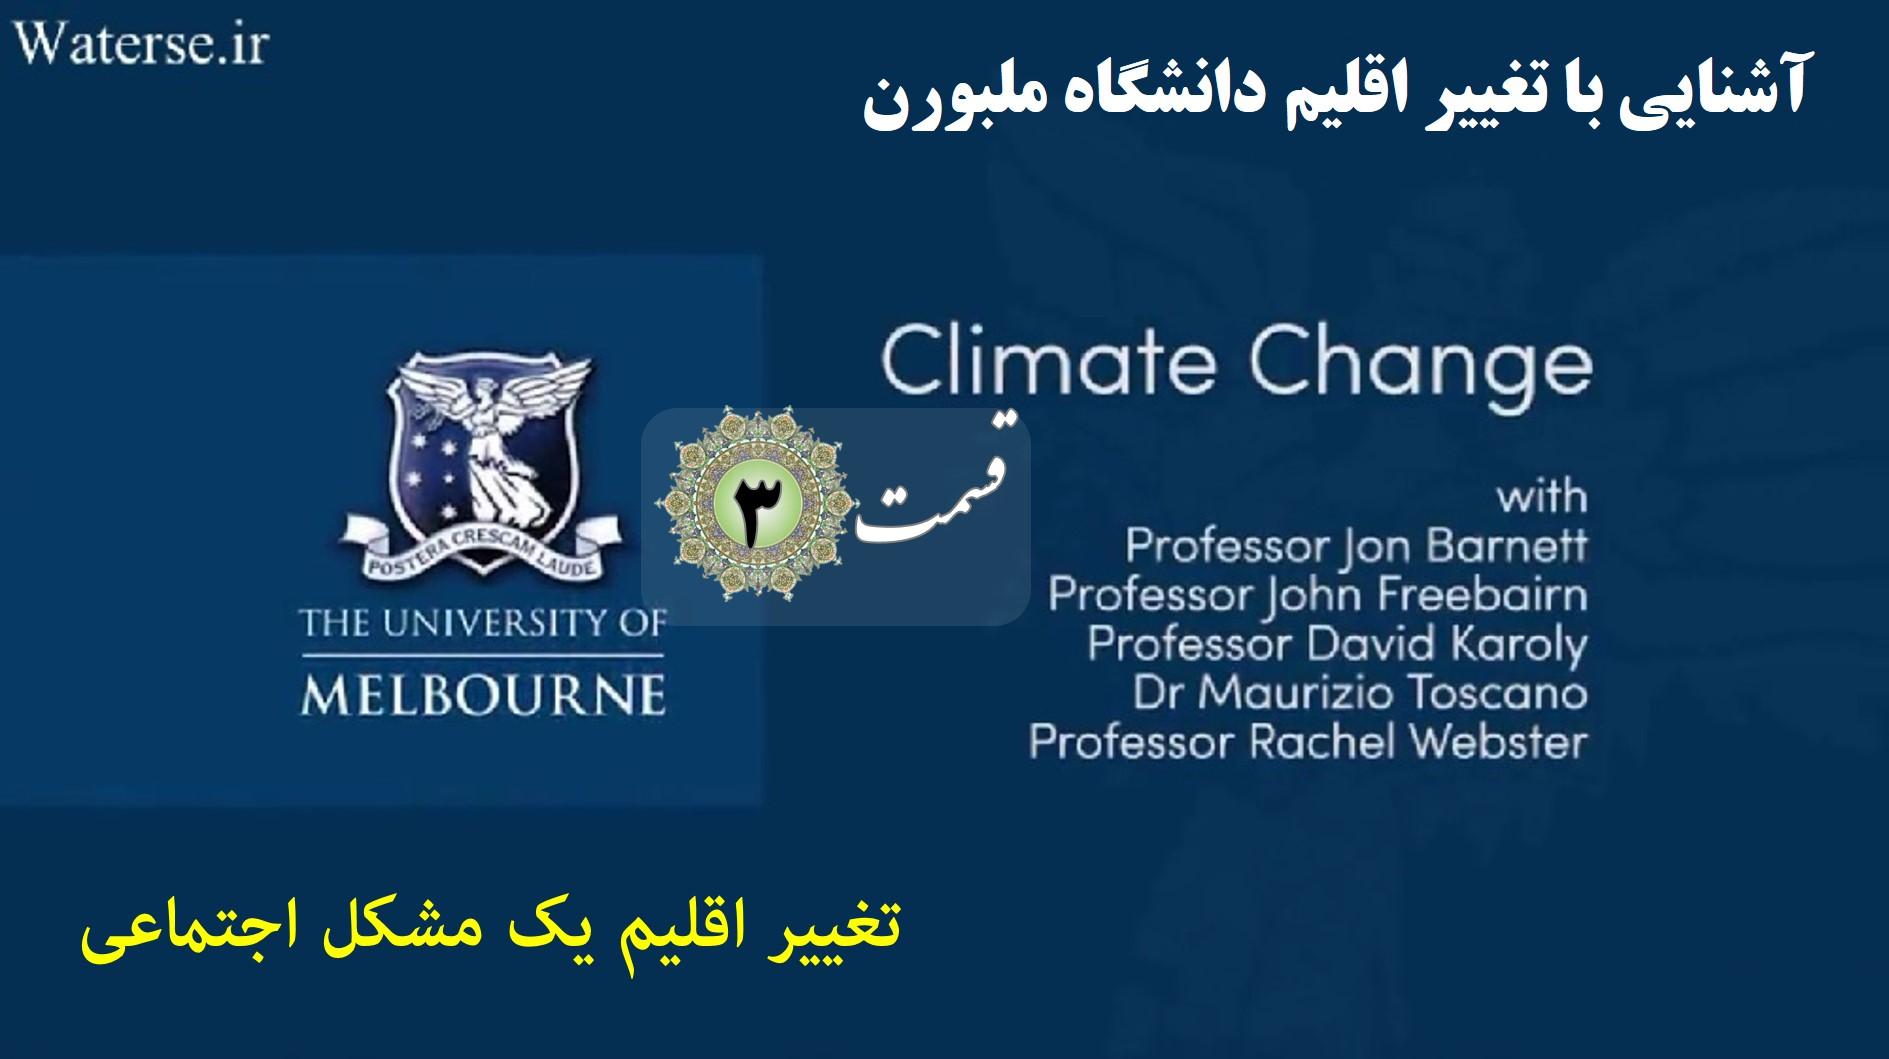 دوره درسی آشنایی با تغییر اقلیم دانشگاه ملبورن - قسمت سوم- تغییر اقلیم یک مشکل اجتماعی